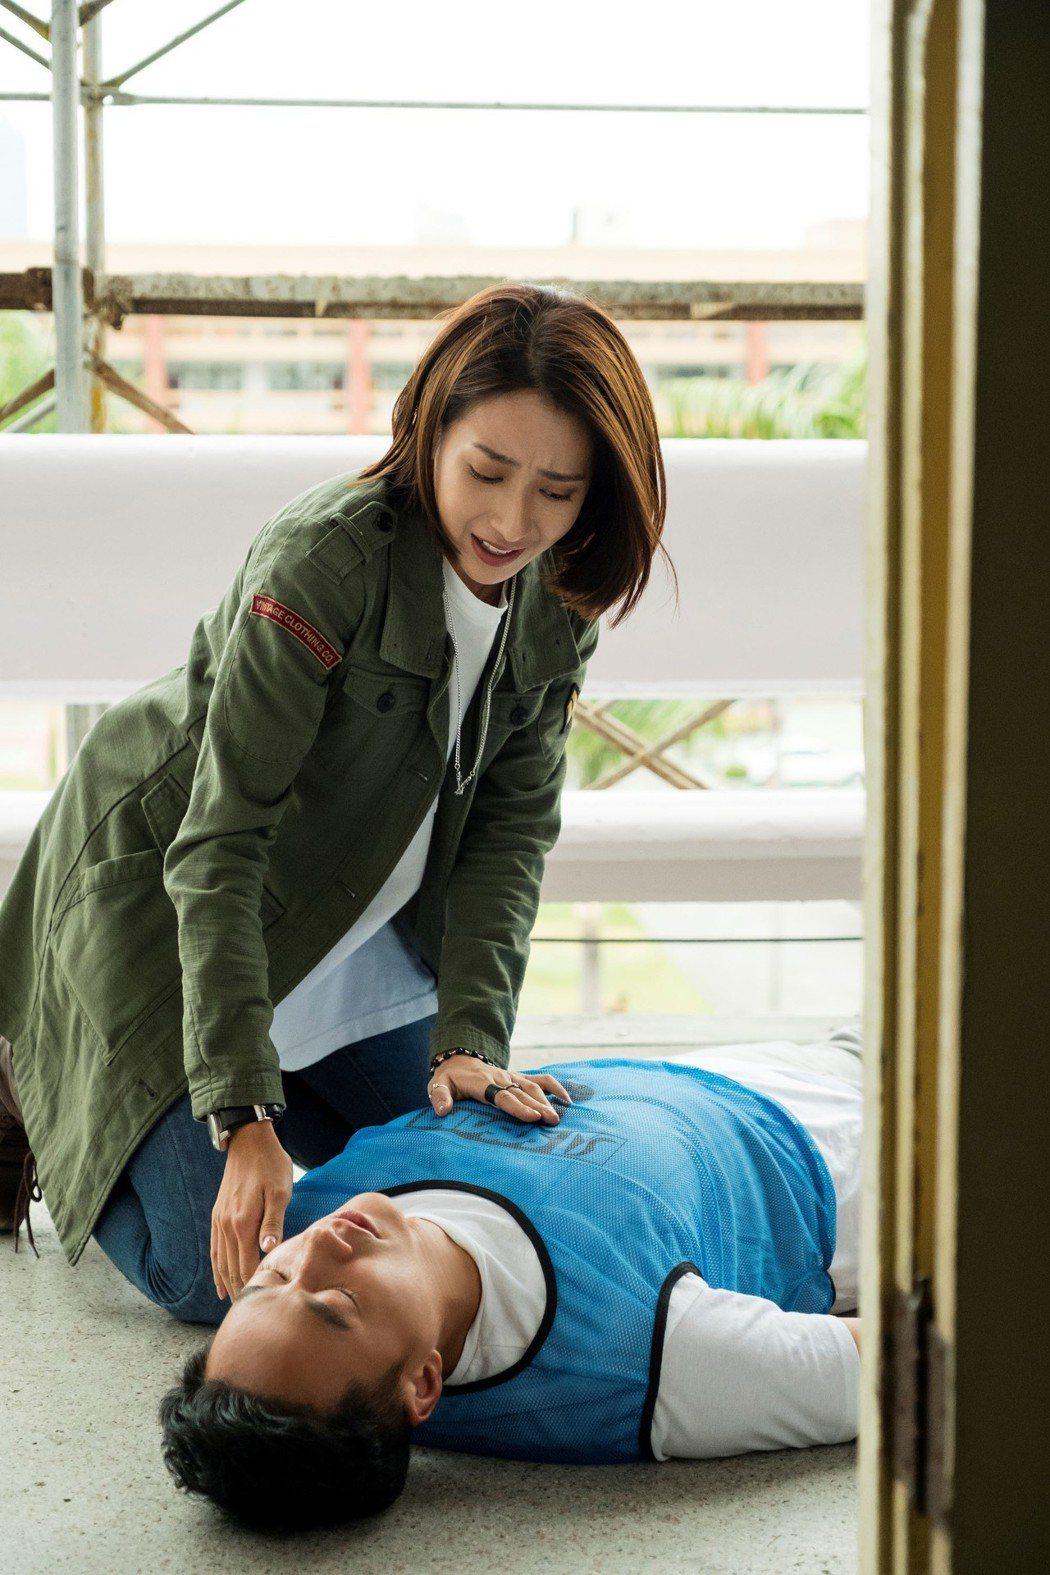 楊晴在戲中對何潤東做心肺復甦術。圖/TVBS 提供